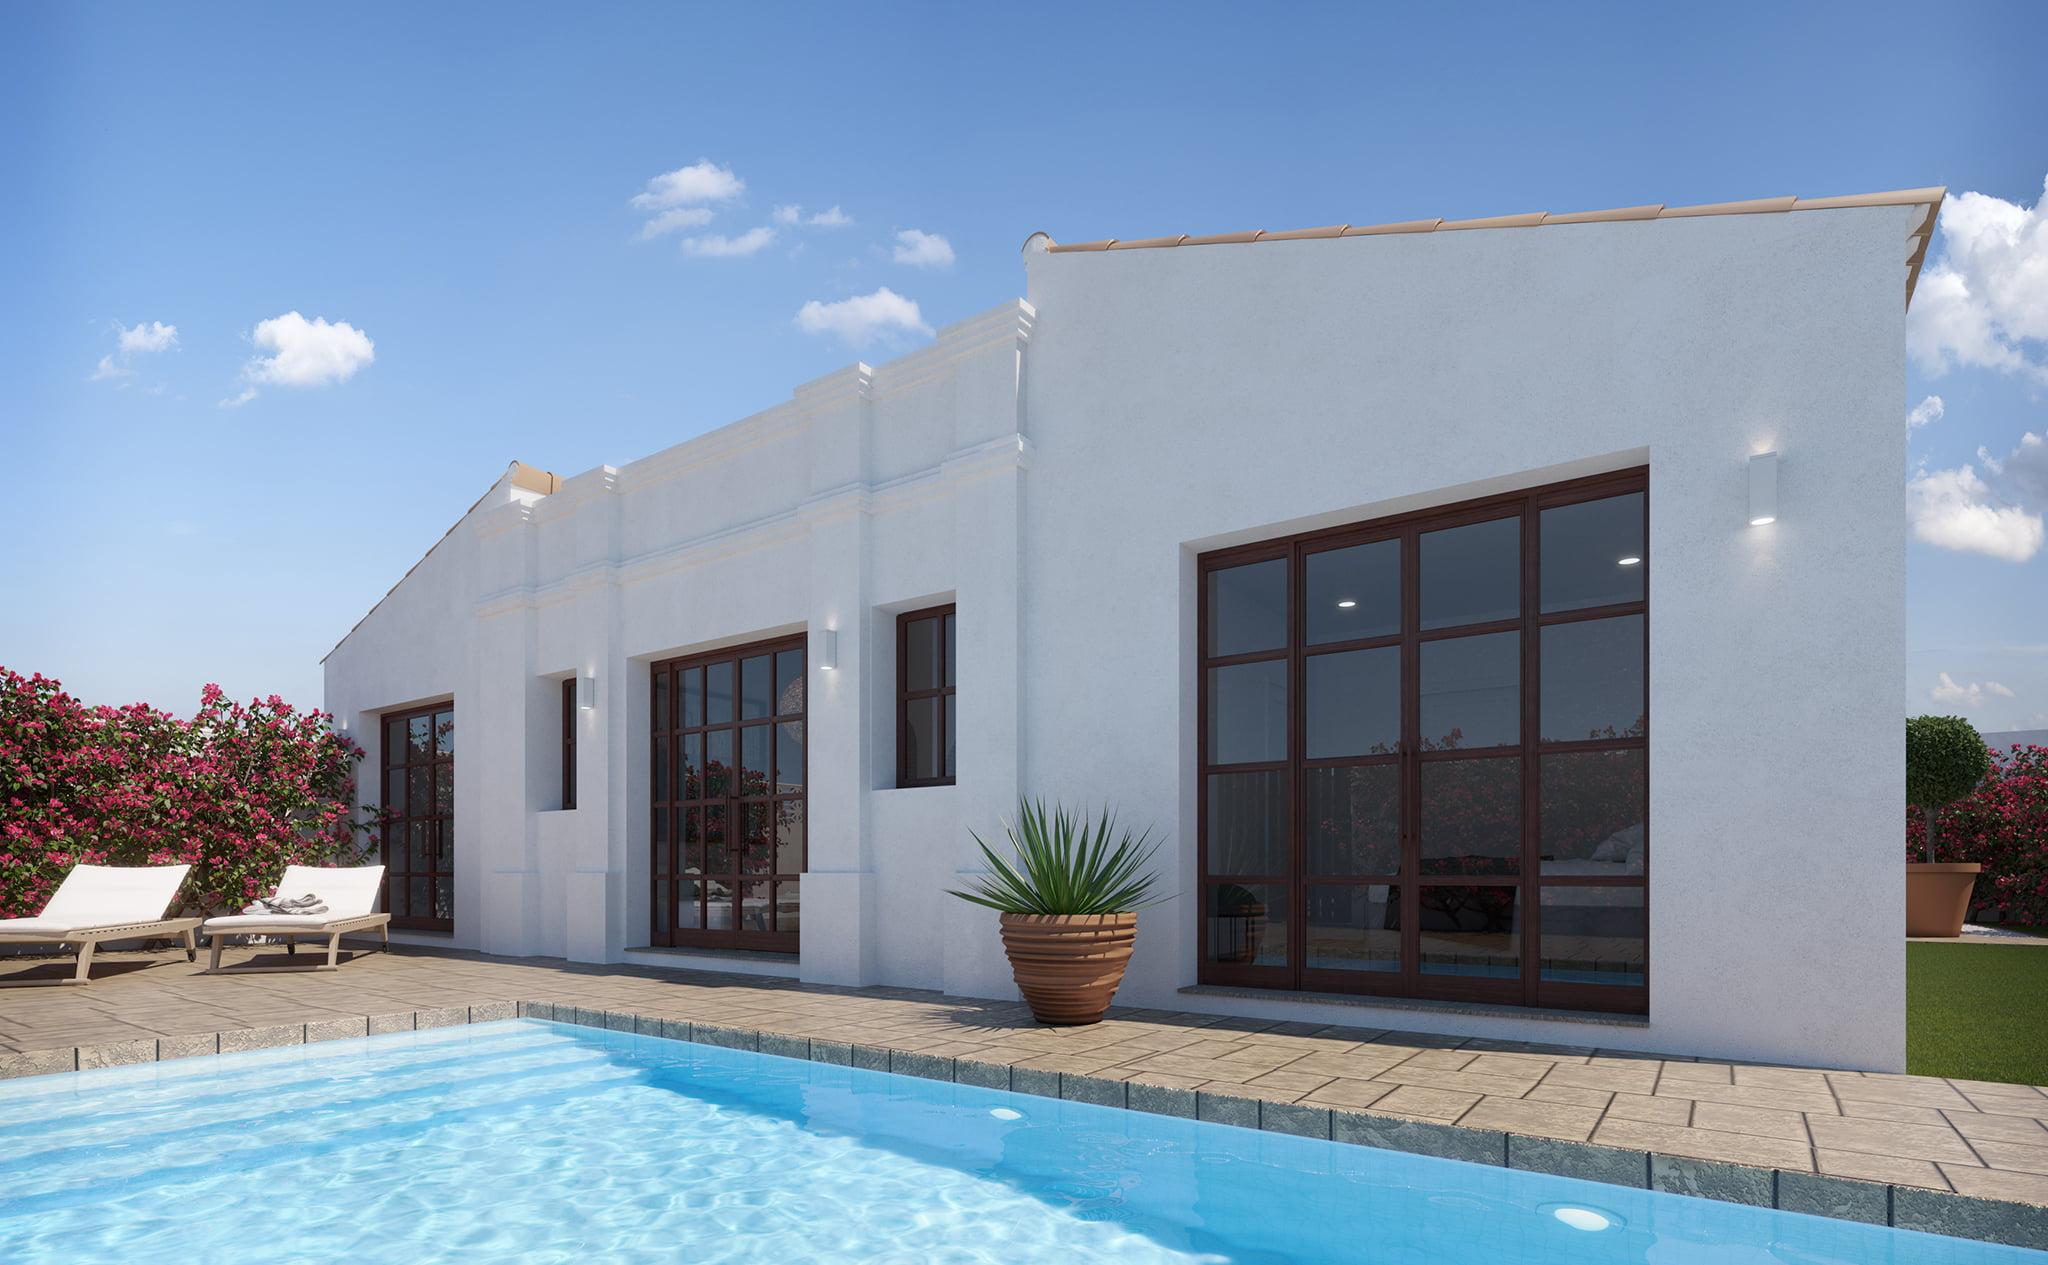 Piscine d'une villa à vendre à Las Marinas à Dénia - Lucas Graf Projects